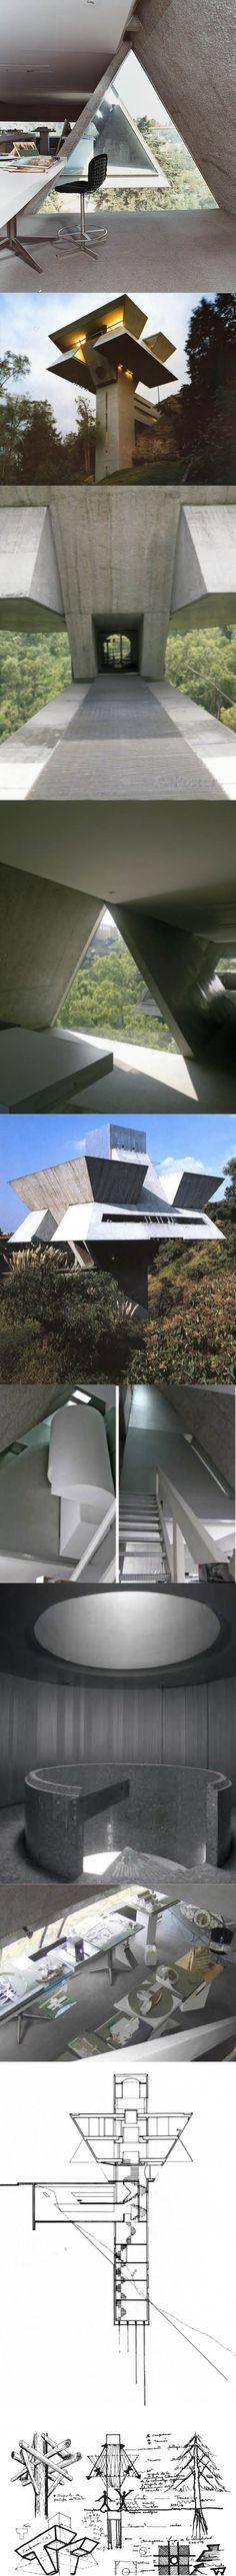 1975 Augustín Hernández Navarro - Praxis / Mexico City / concrete glass / brutalism